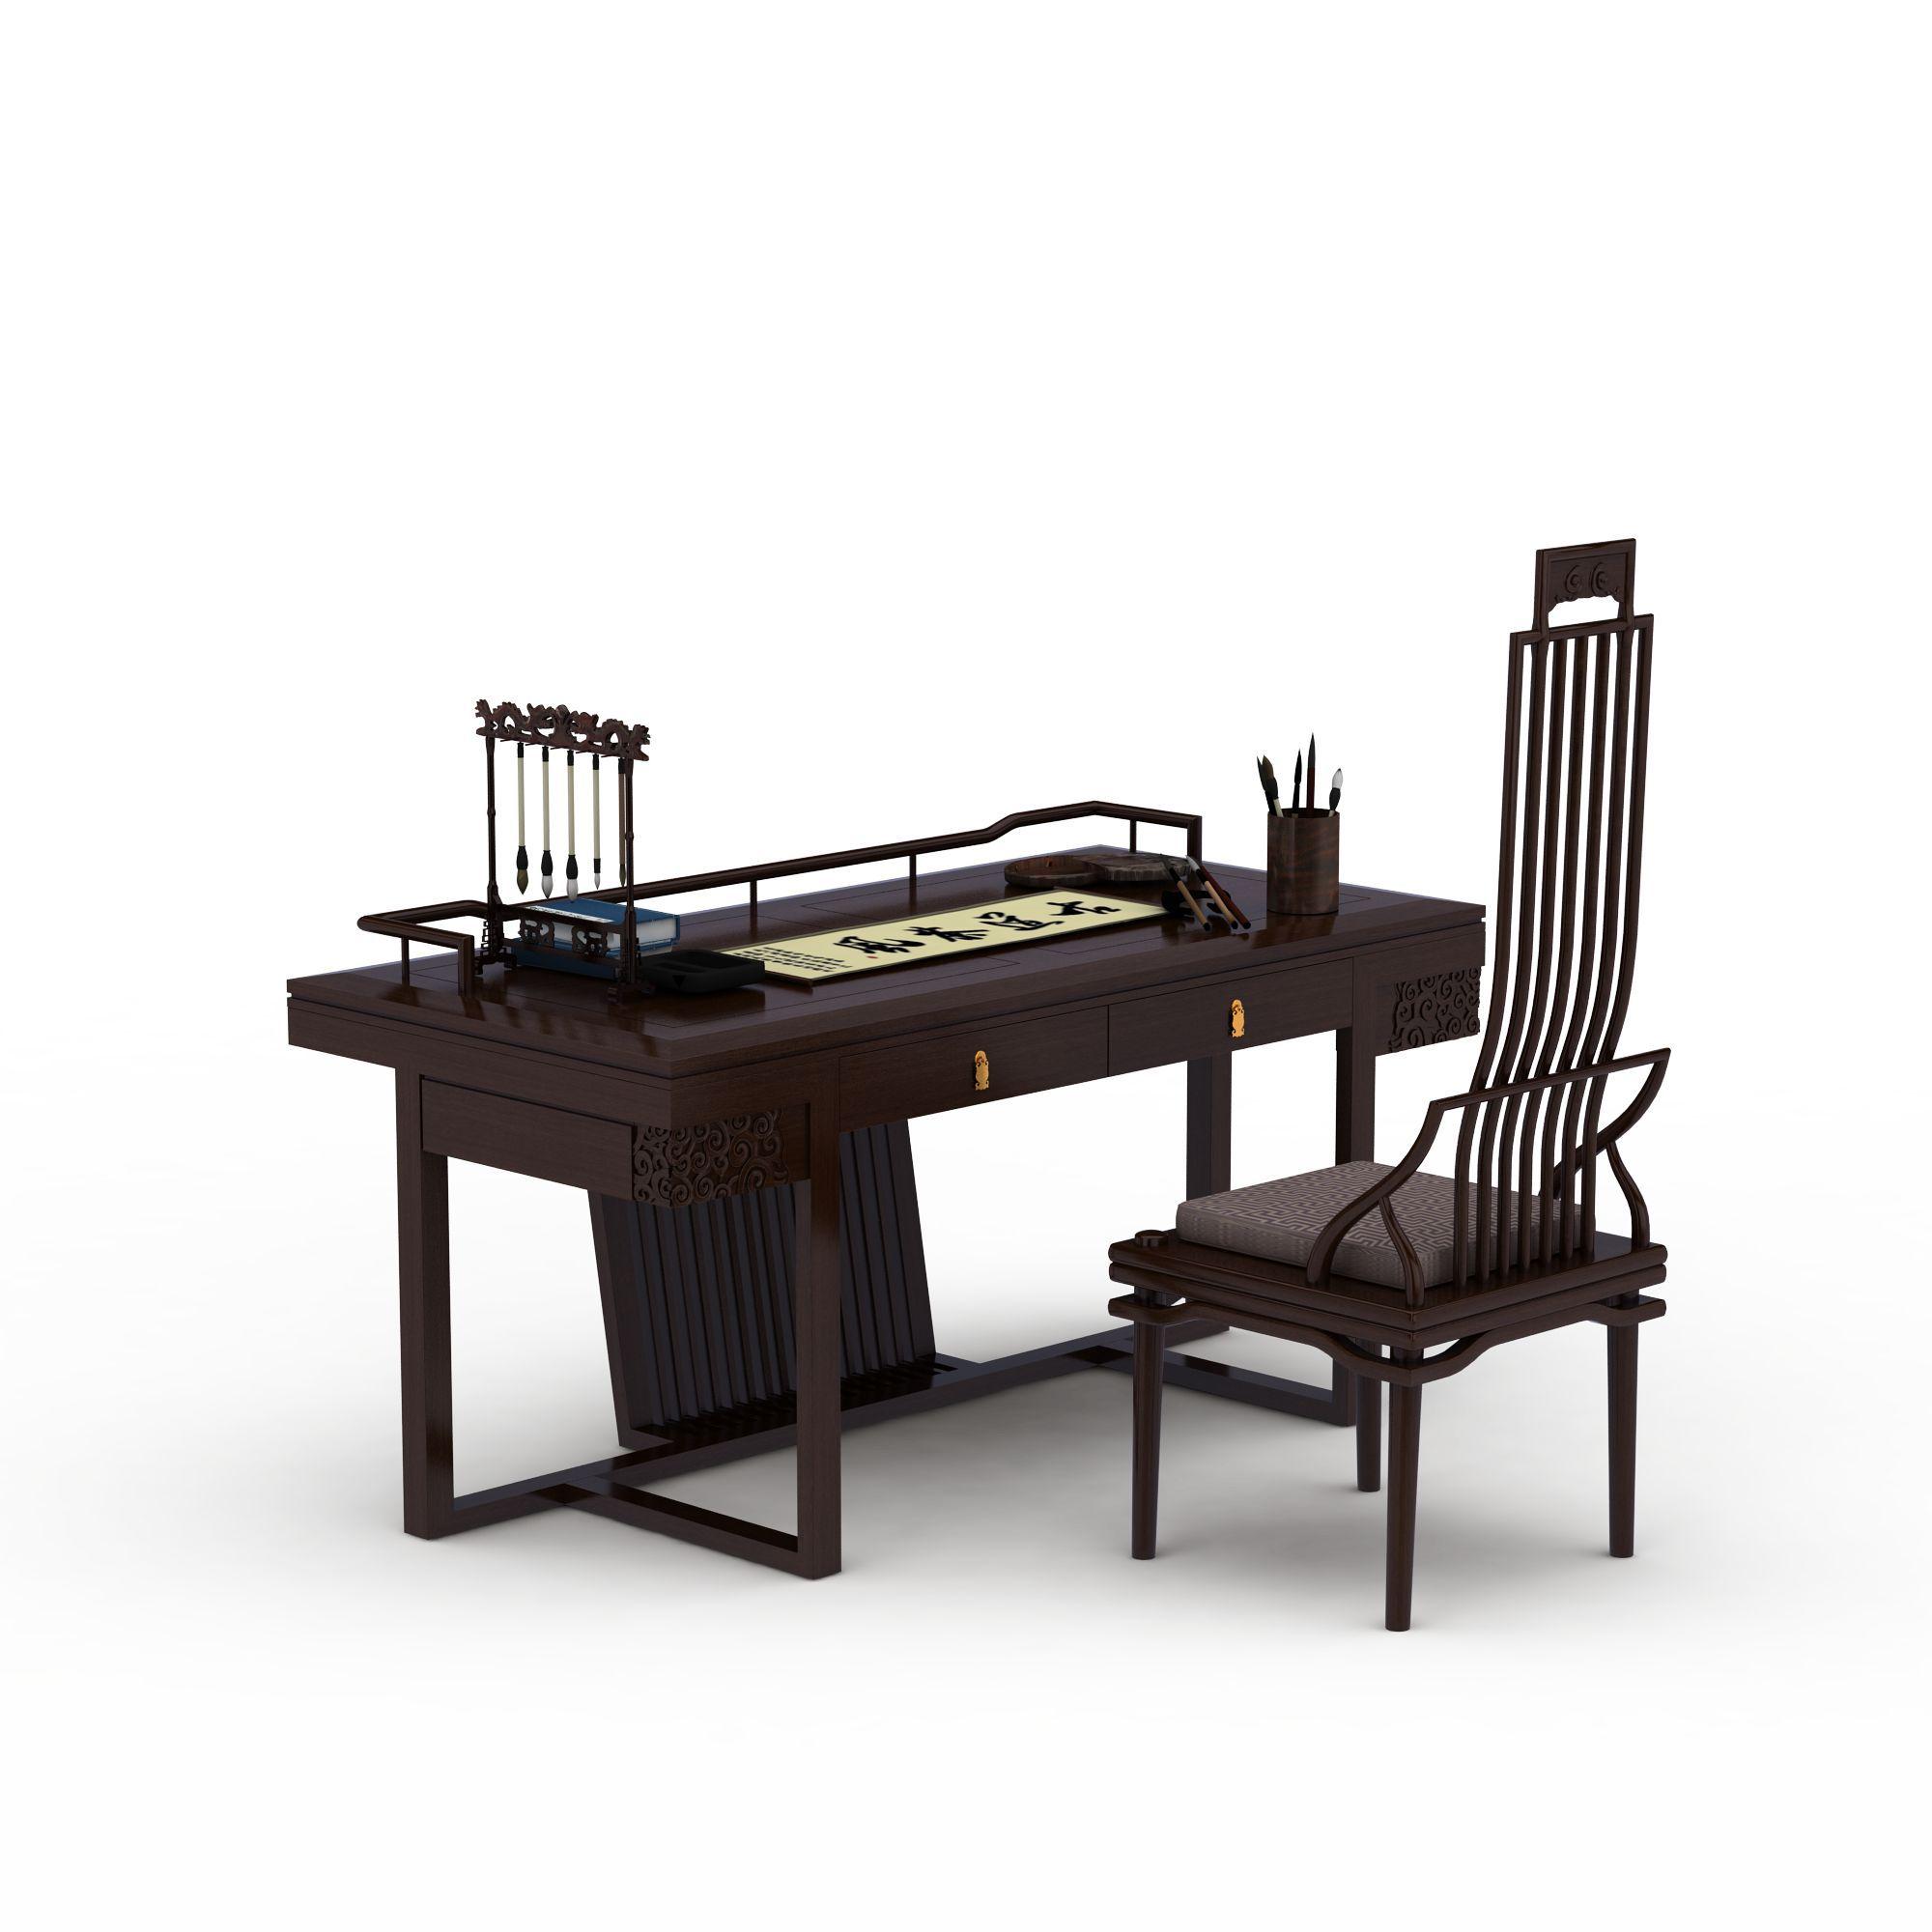 书房中式桌椅组合图片_书房中式桌椅组合png图片素材图片